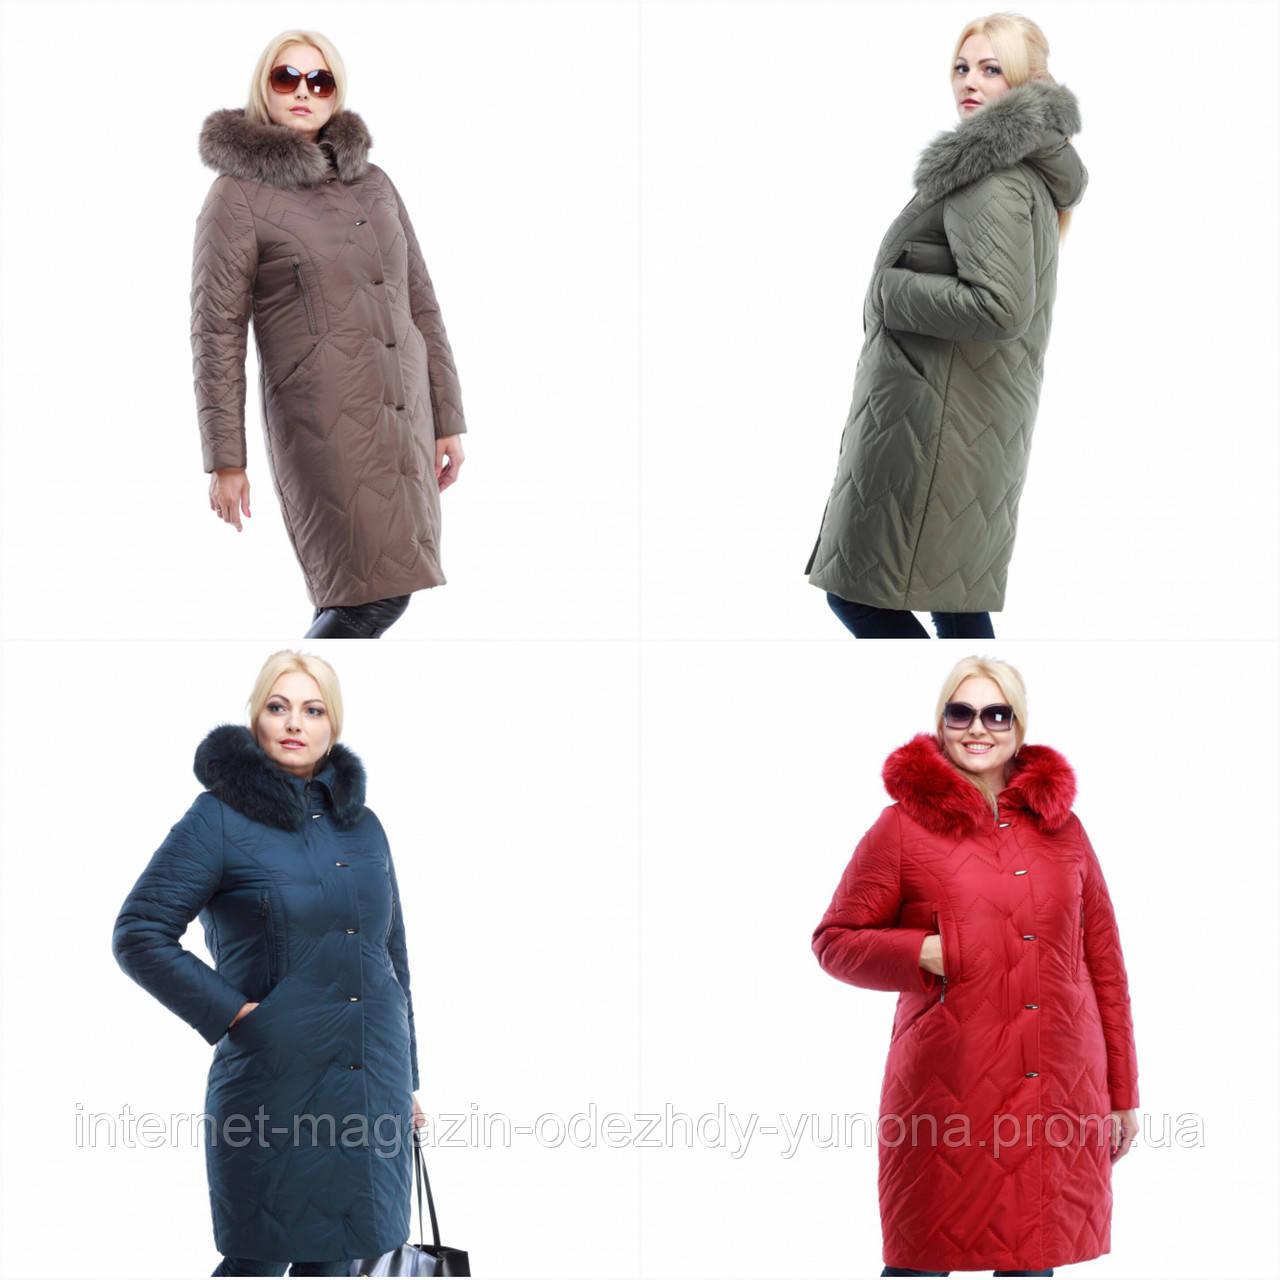 de58e529380 Пальто женское зимнее Верона - Интернет-магазин